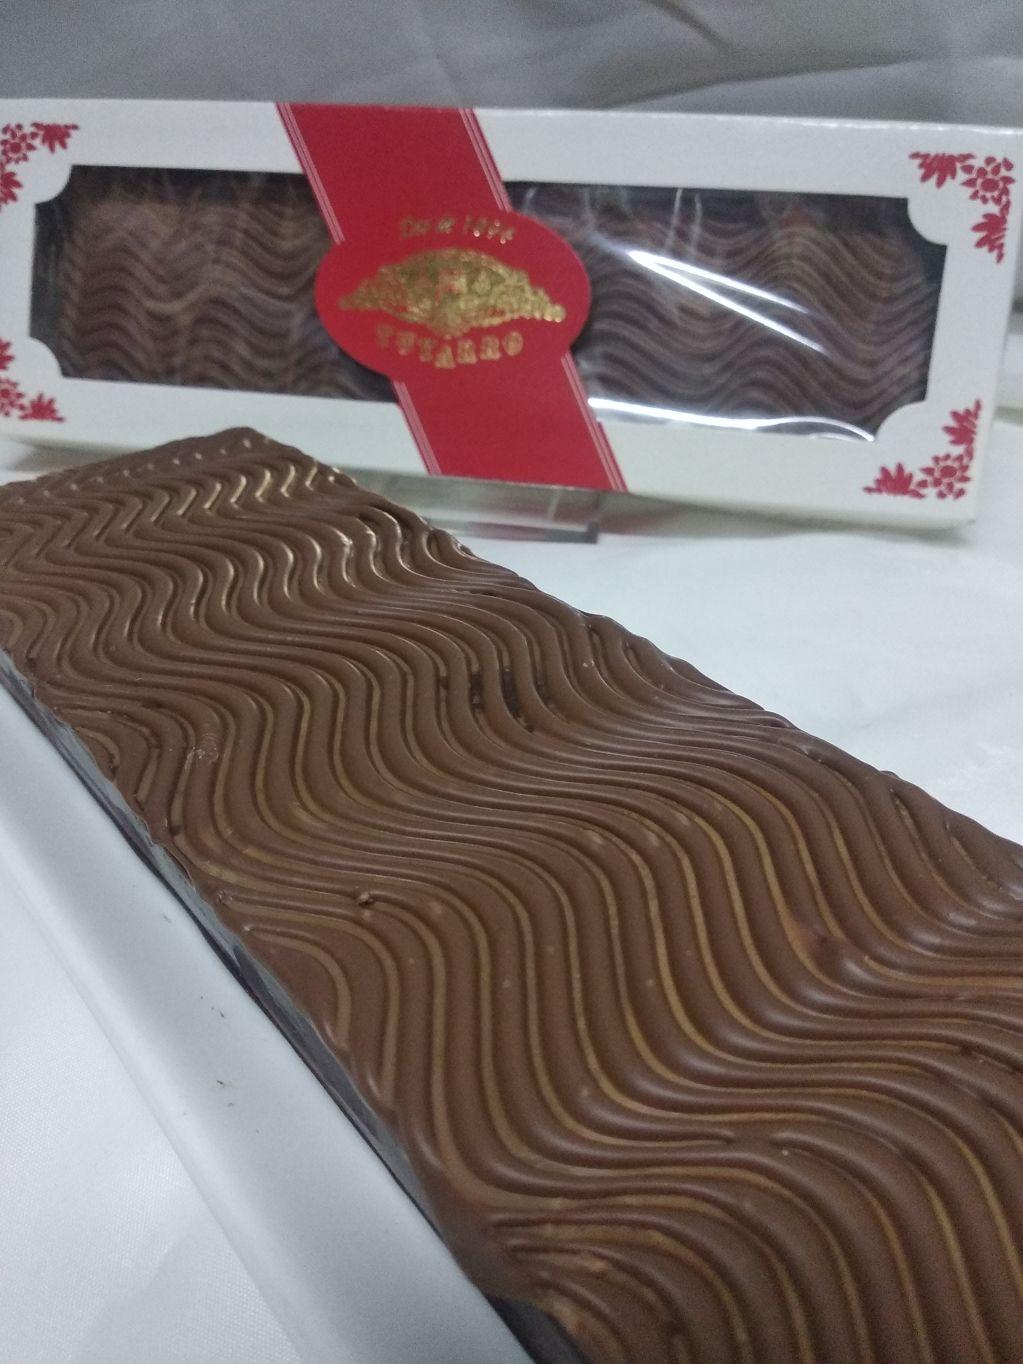 Turrón de chocolate con trufa - 6833f-llet.jpg